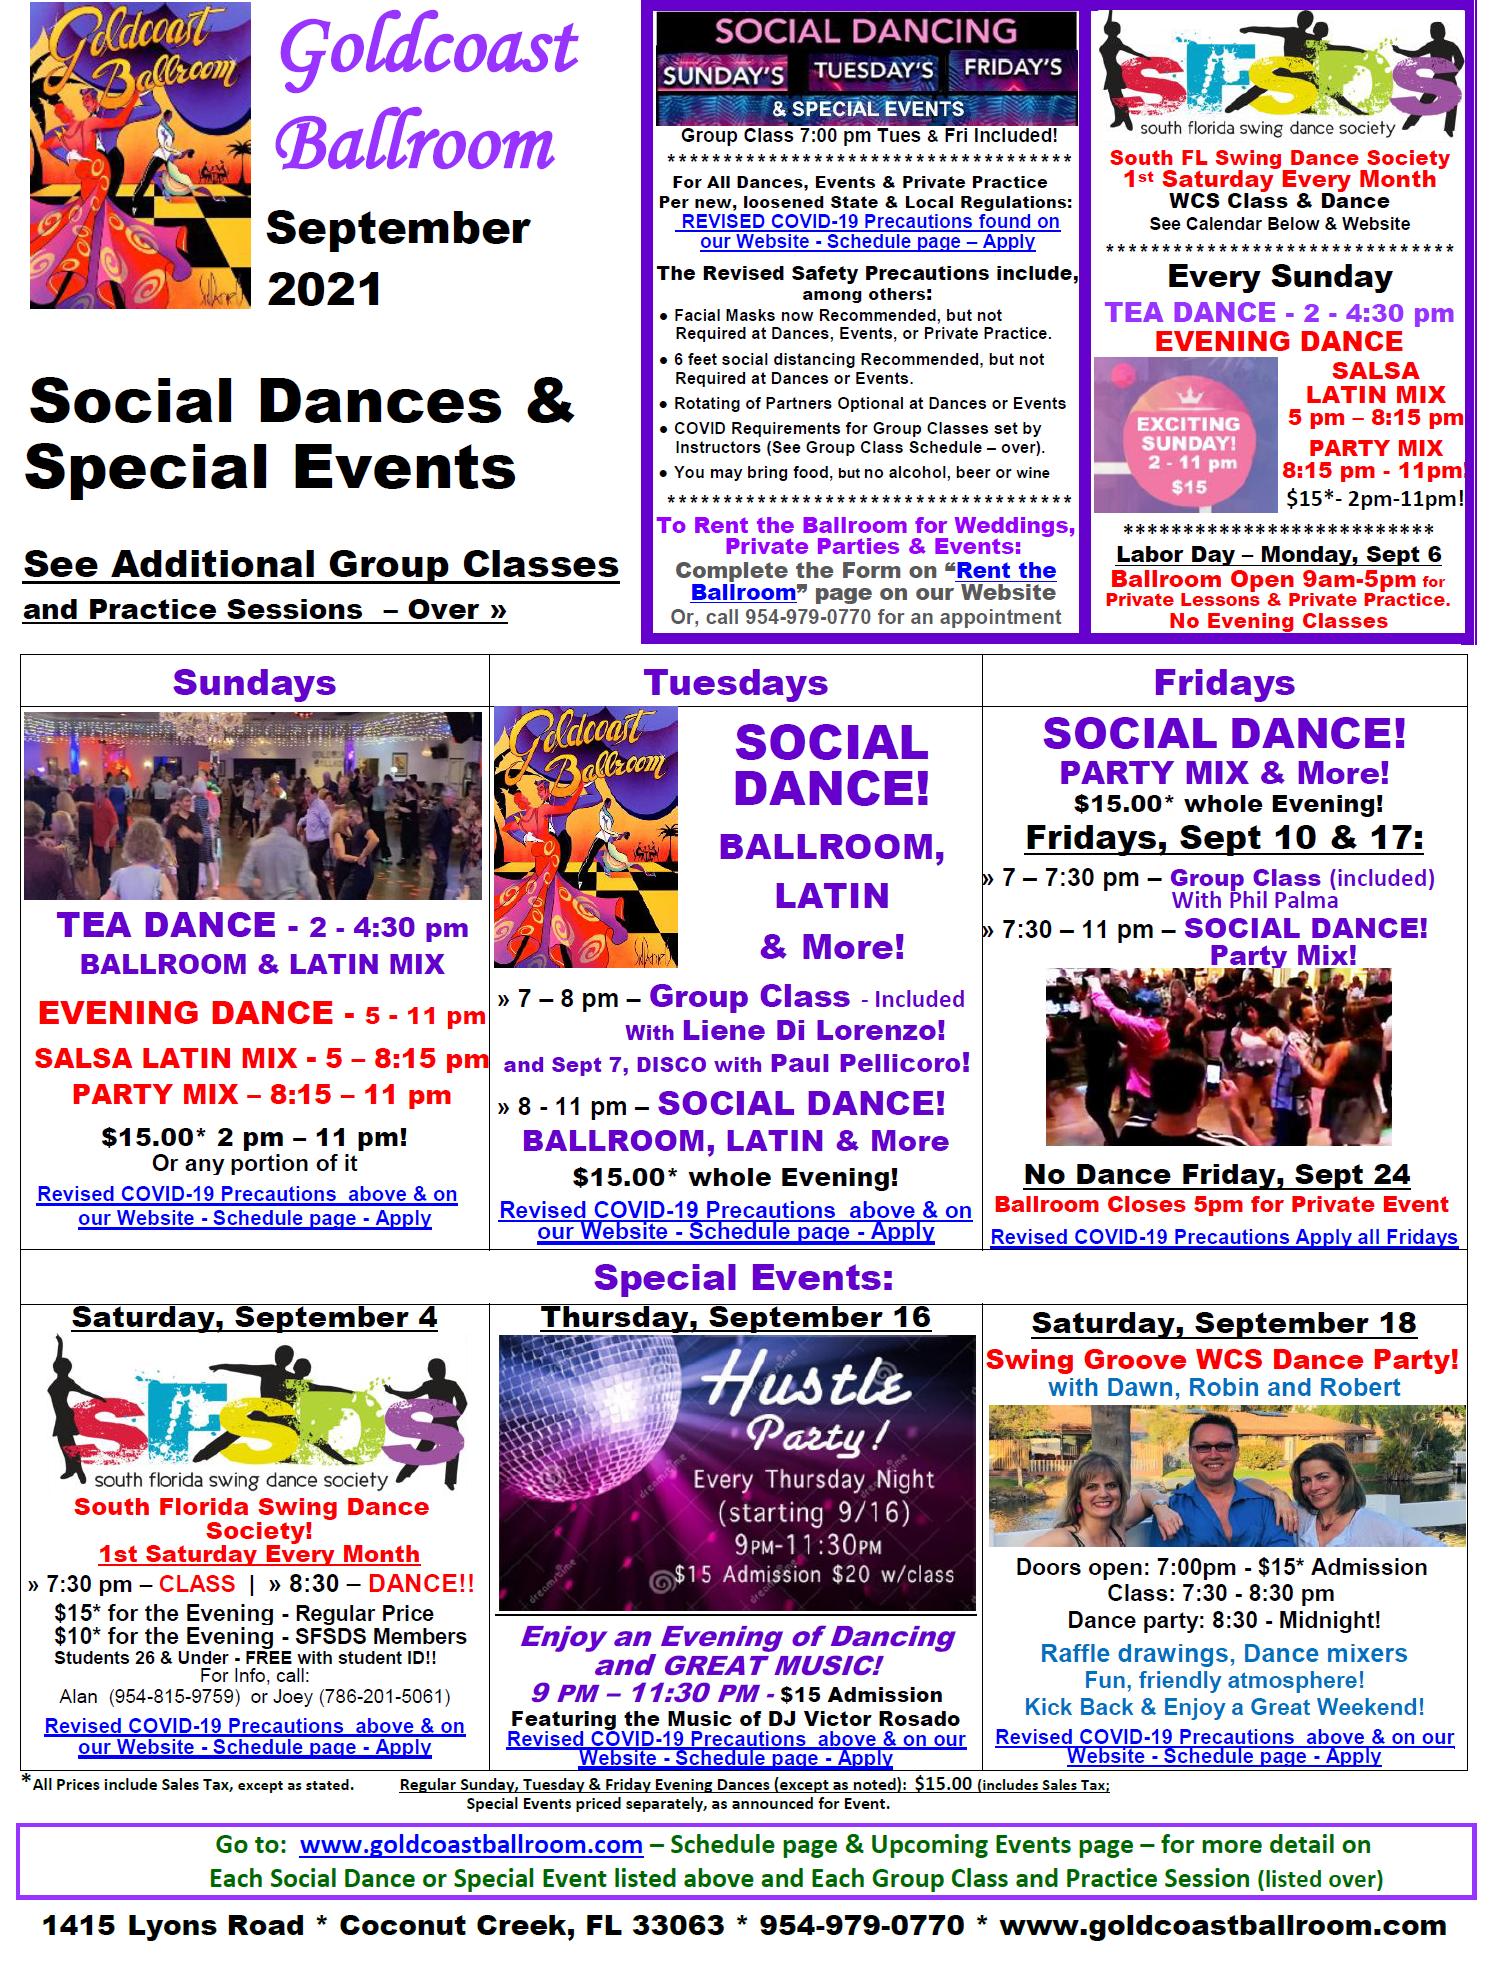 September, 2021 Calendar - Social Dances & Special Events